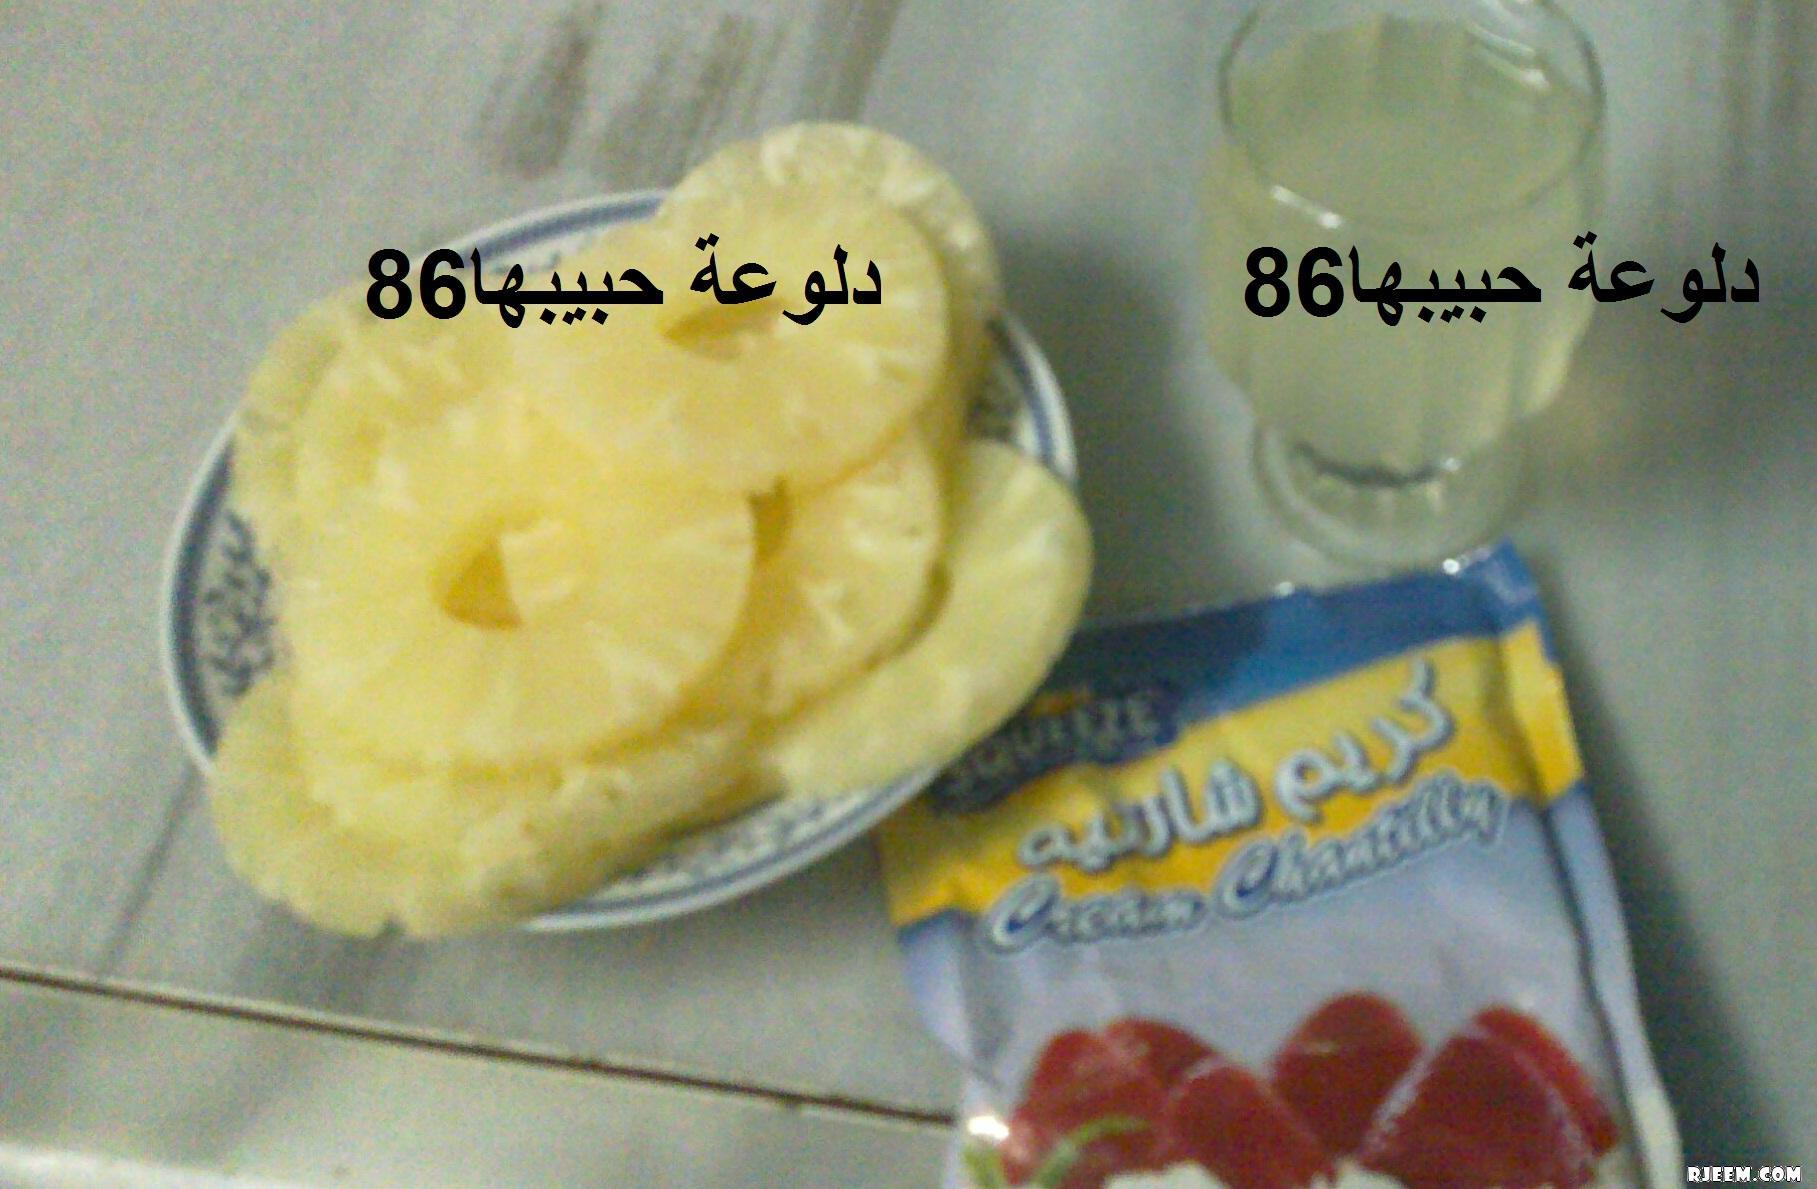 الحلويات الرائعة 13444677655.jpg